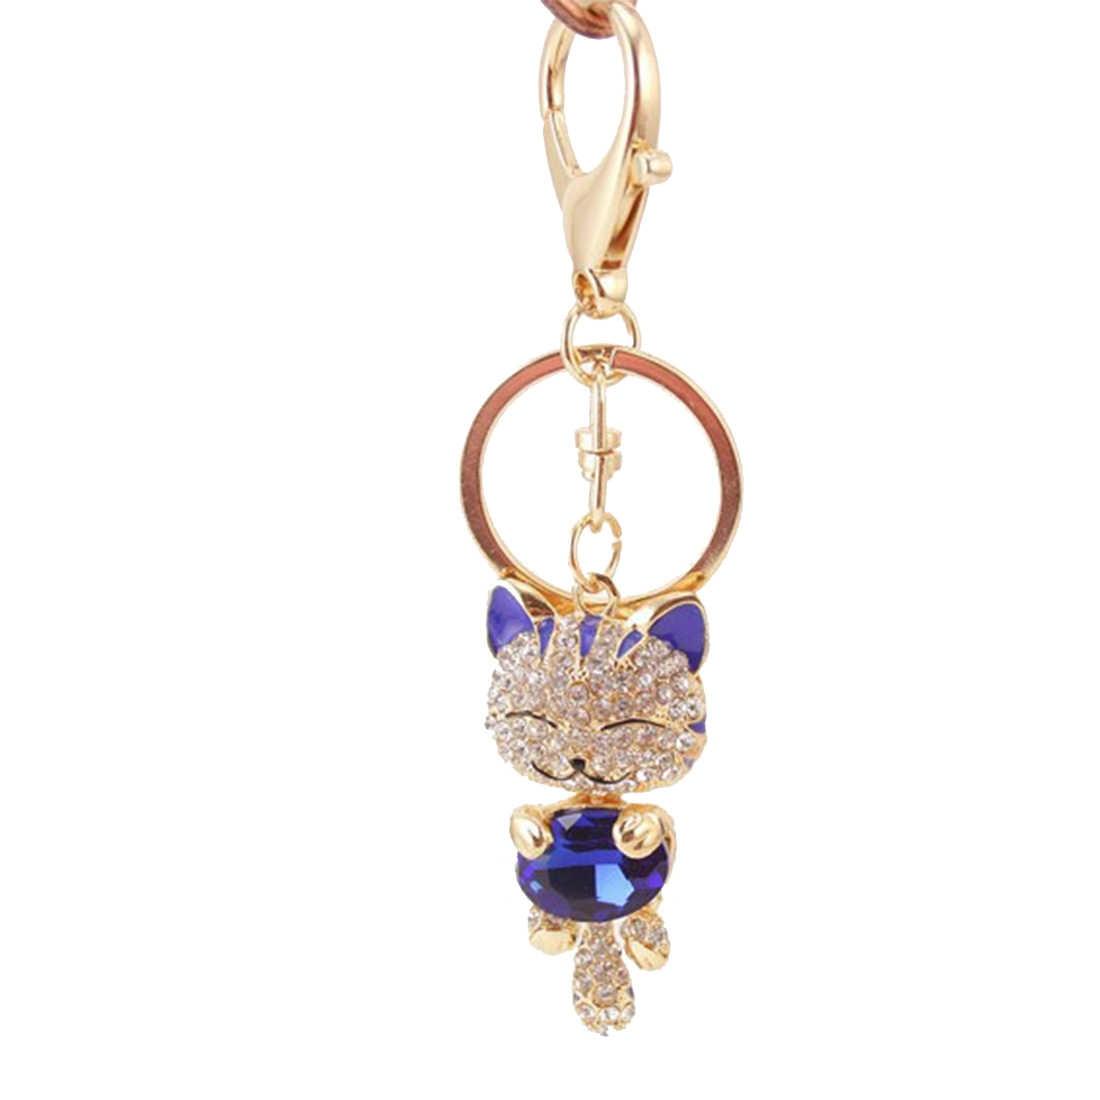 Nuovo Modo di Kawaii Gatto Scintillante Keychain di Fascino di Cristallo Portachiavi Della Borsa Della Borsa Portachiavi Auto Chiave Dei Monili di Anello Sveglio Del Pendente di Chiave